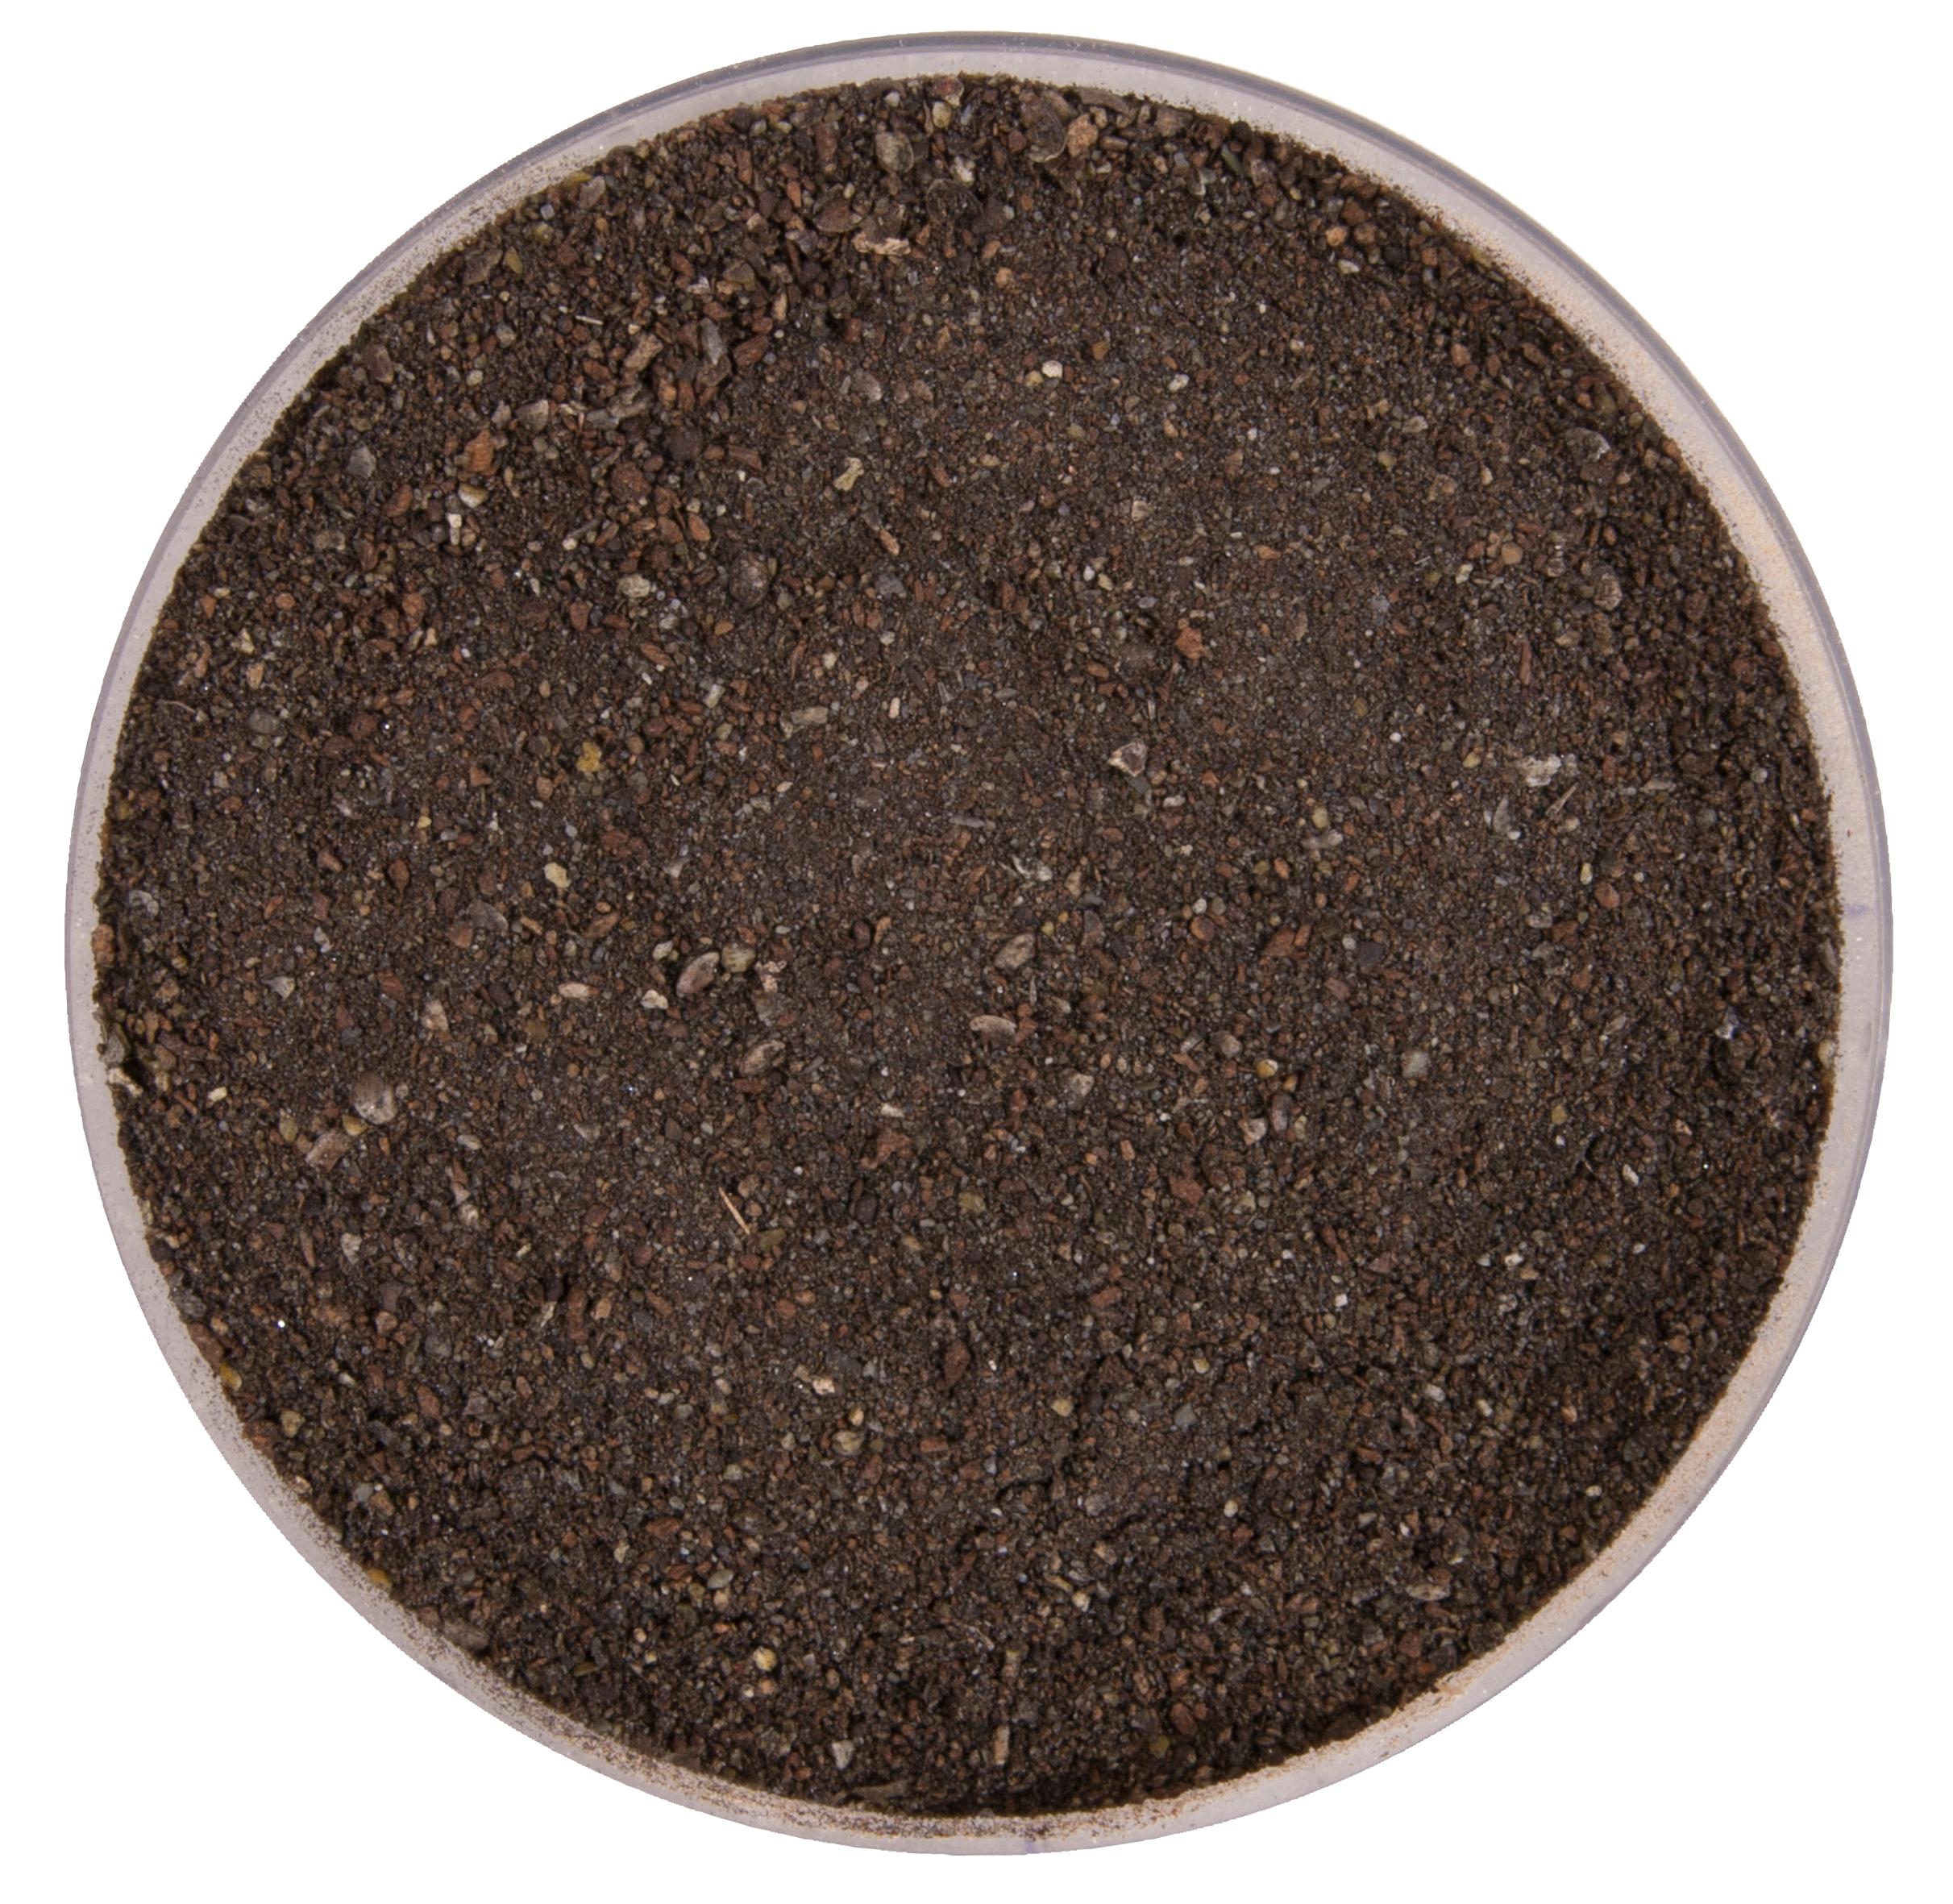 Krmítková směs MS Range Bi – turbo brown/black 1kg Barva černá